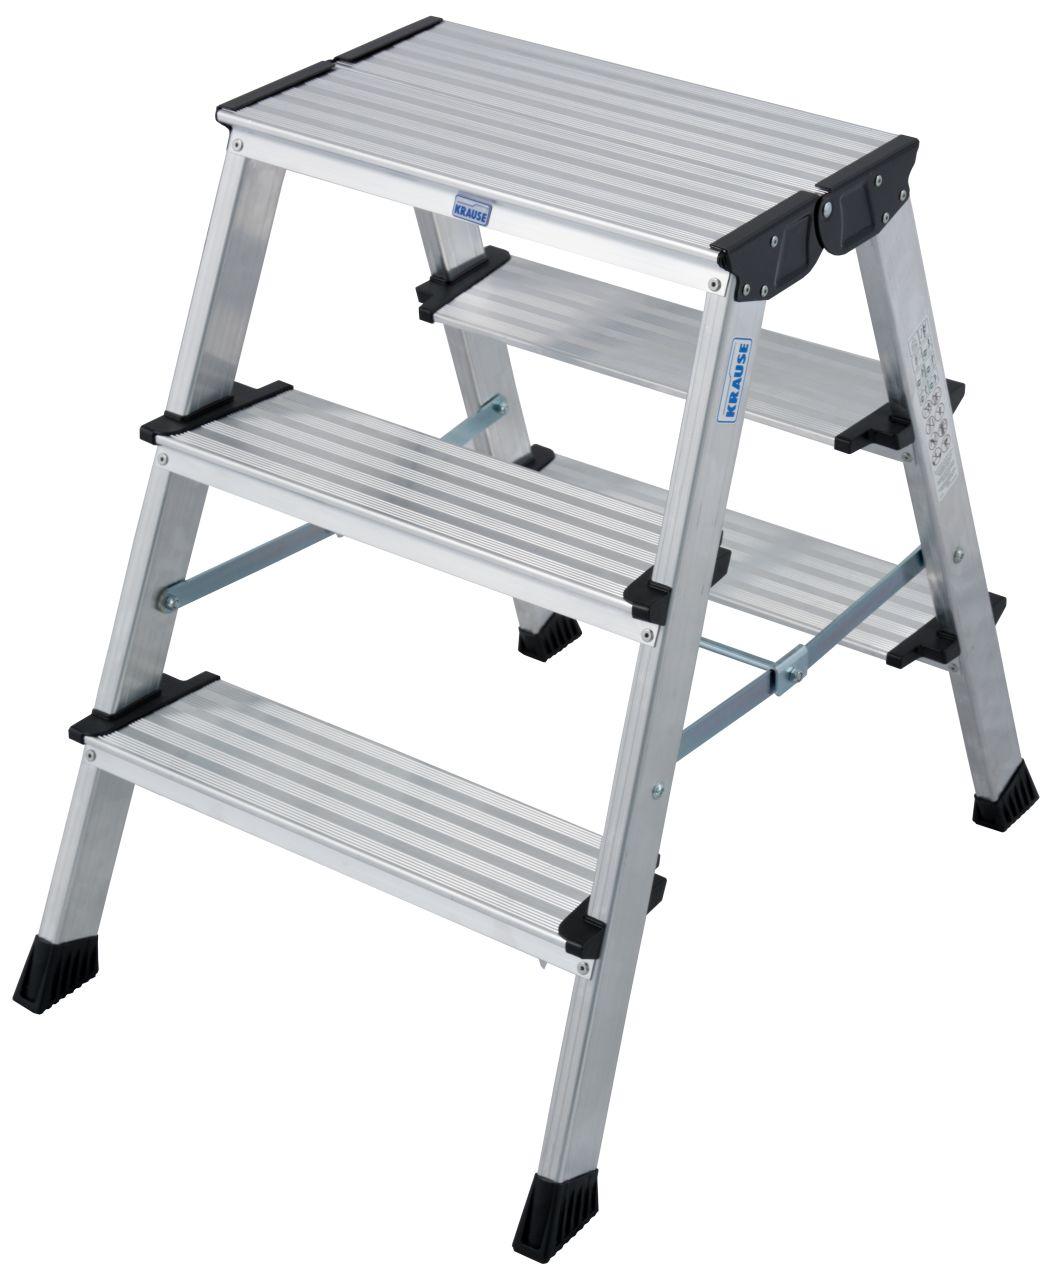 Schodki dwustronne składane Treppo. Wytrzymałe i kompaktowe aluminiowe schodki dwustronne do prac montażowych